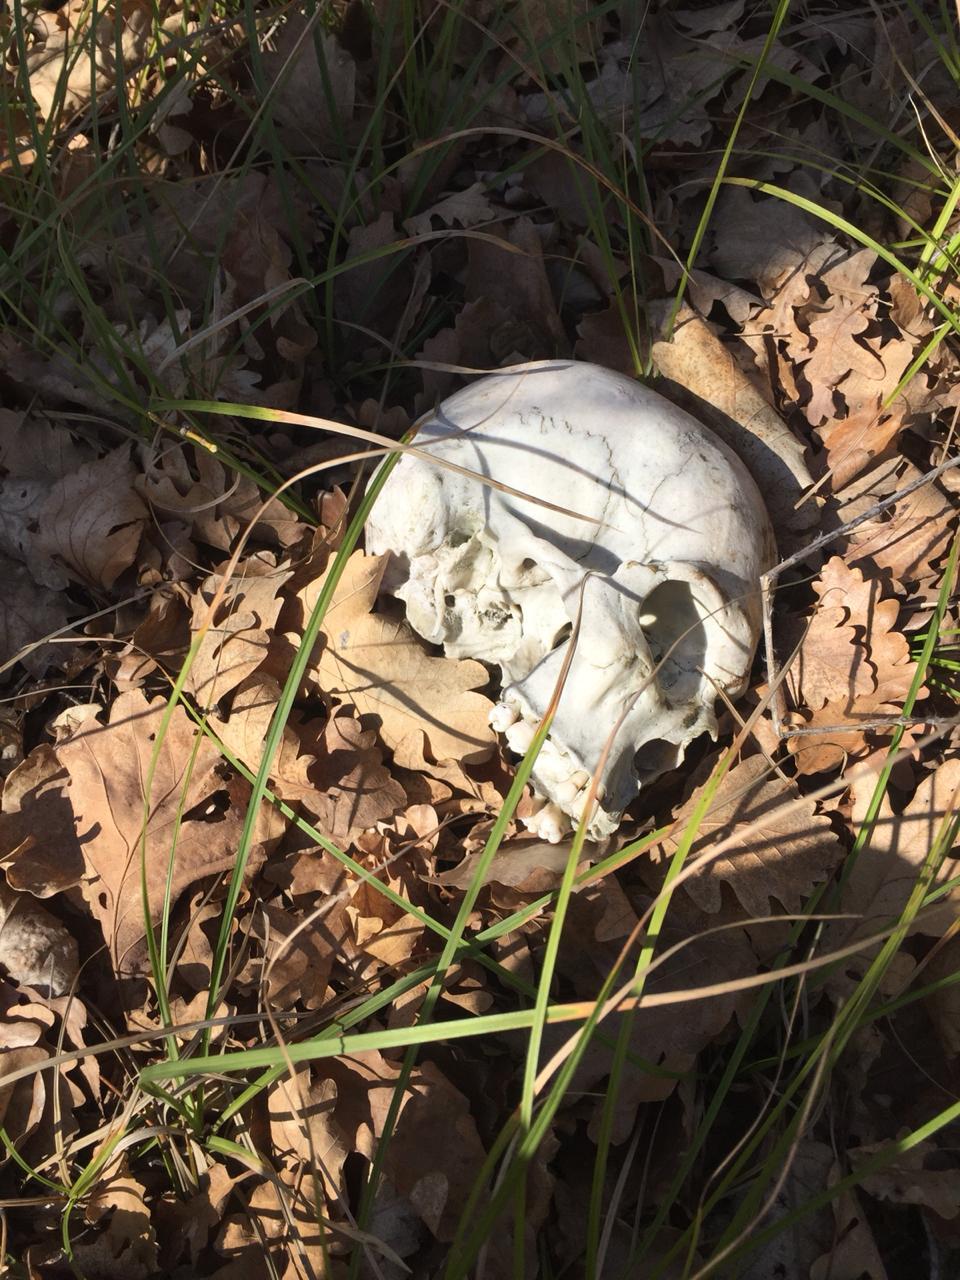 ВНовороссийске влесу нашли скелет человека, который исчез два года назад